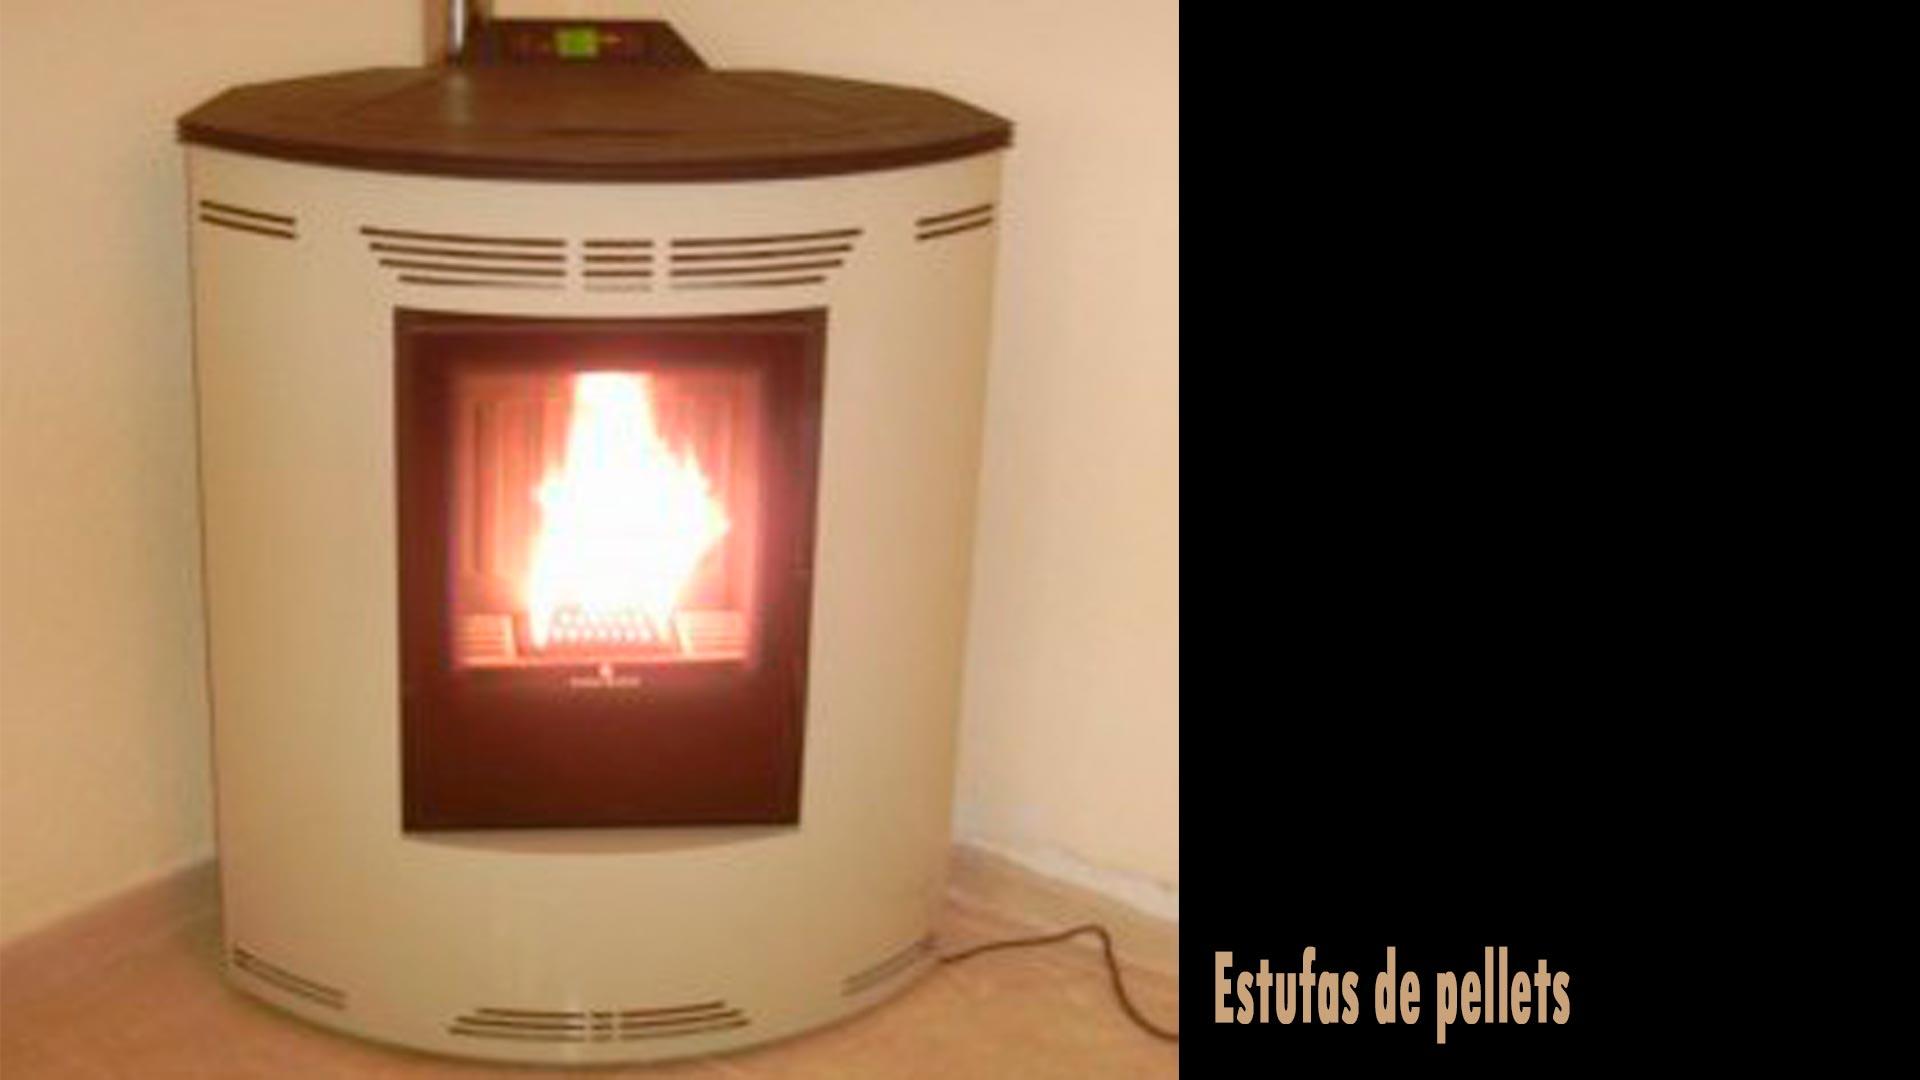 Se acerca el invierno ya tienes tu calefacci n a punto for Fabricantes de estufas de pellets